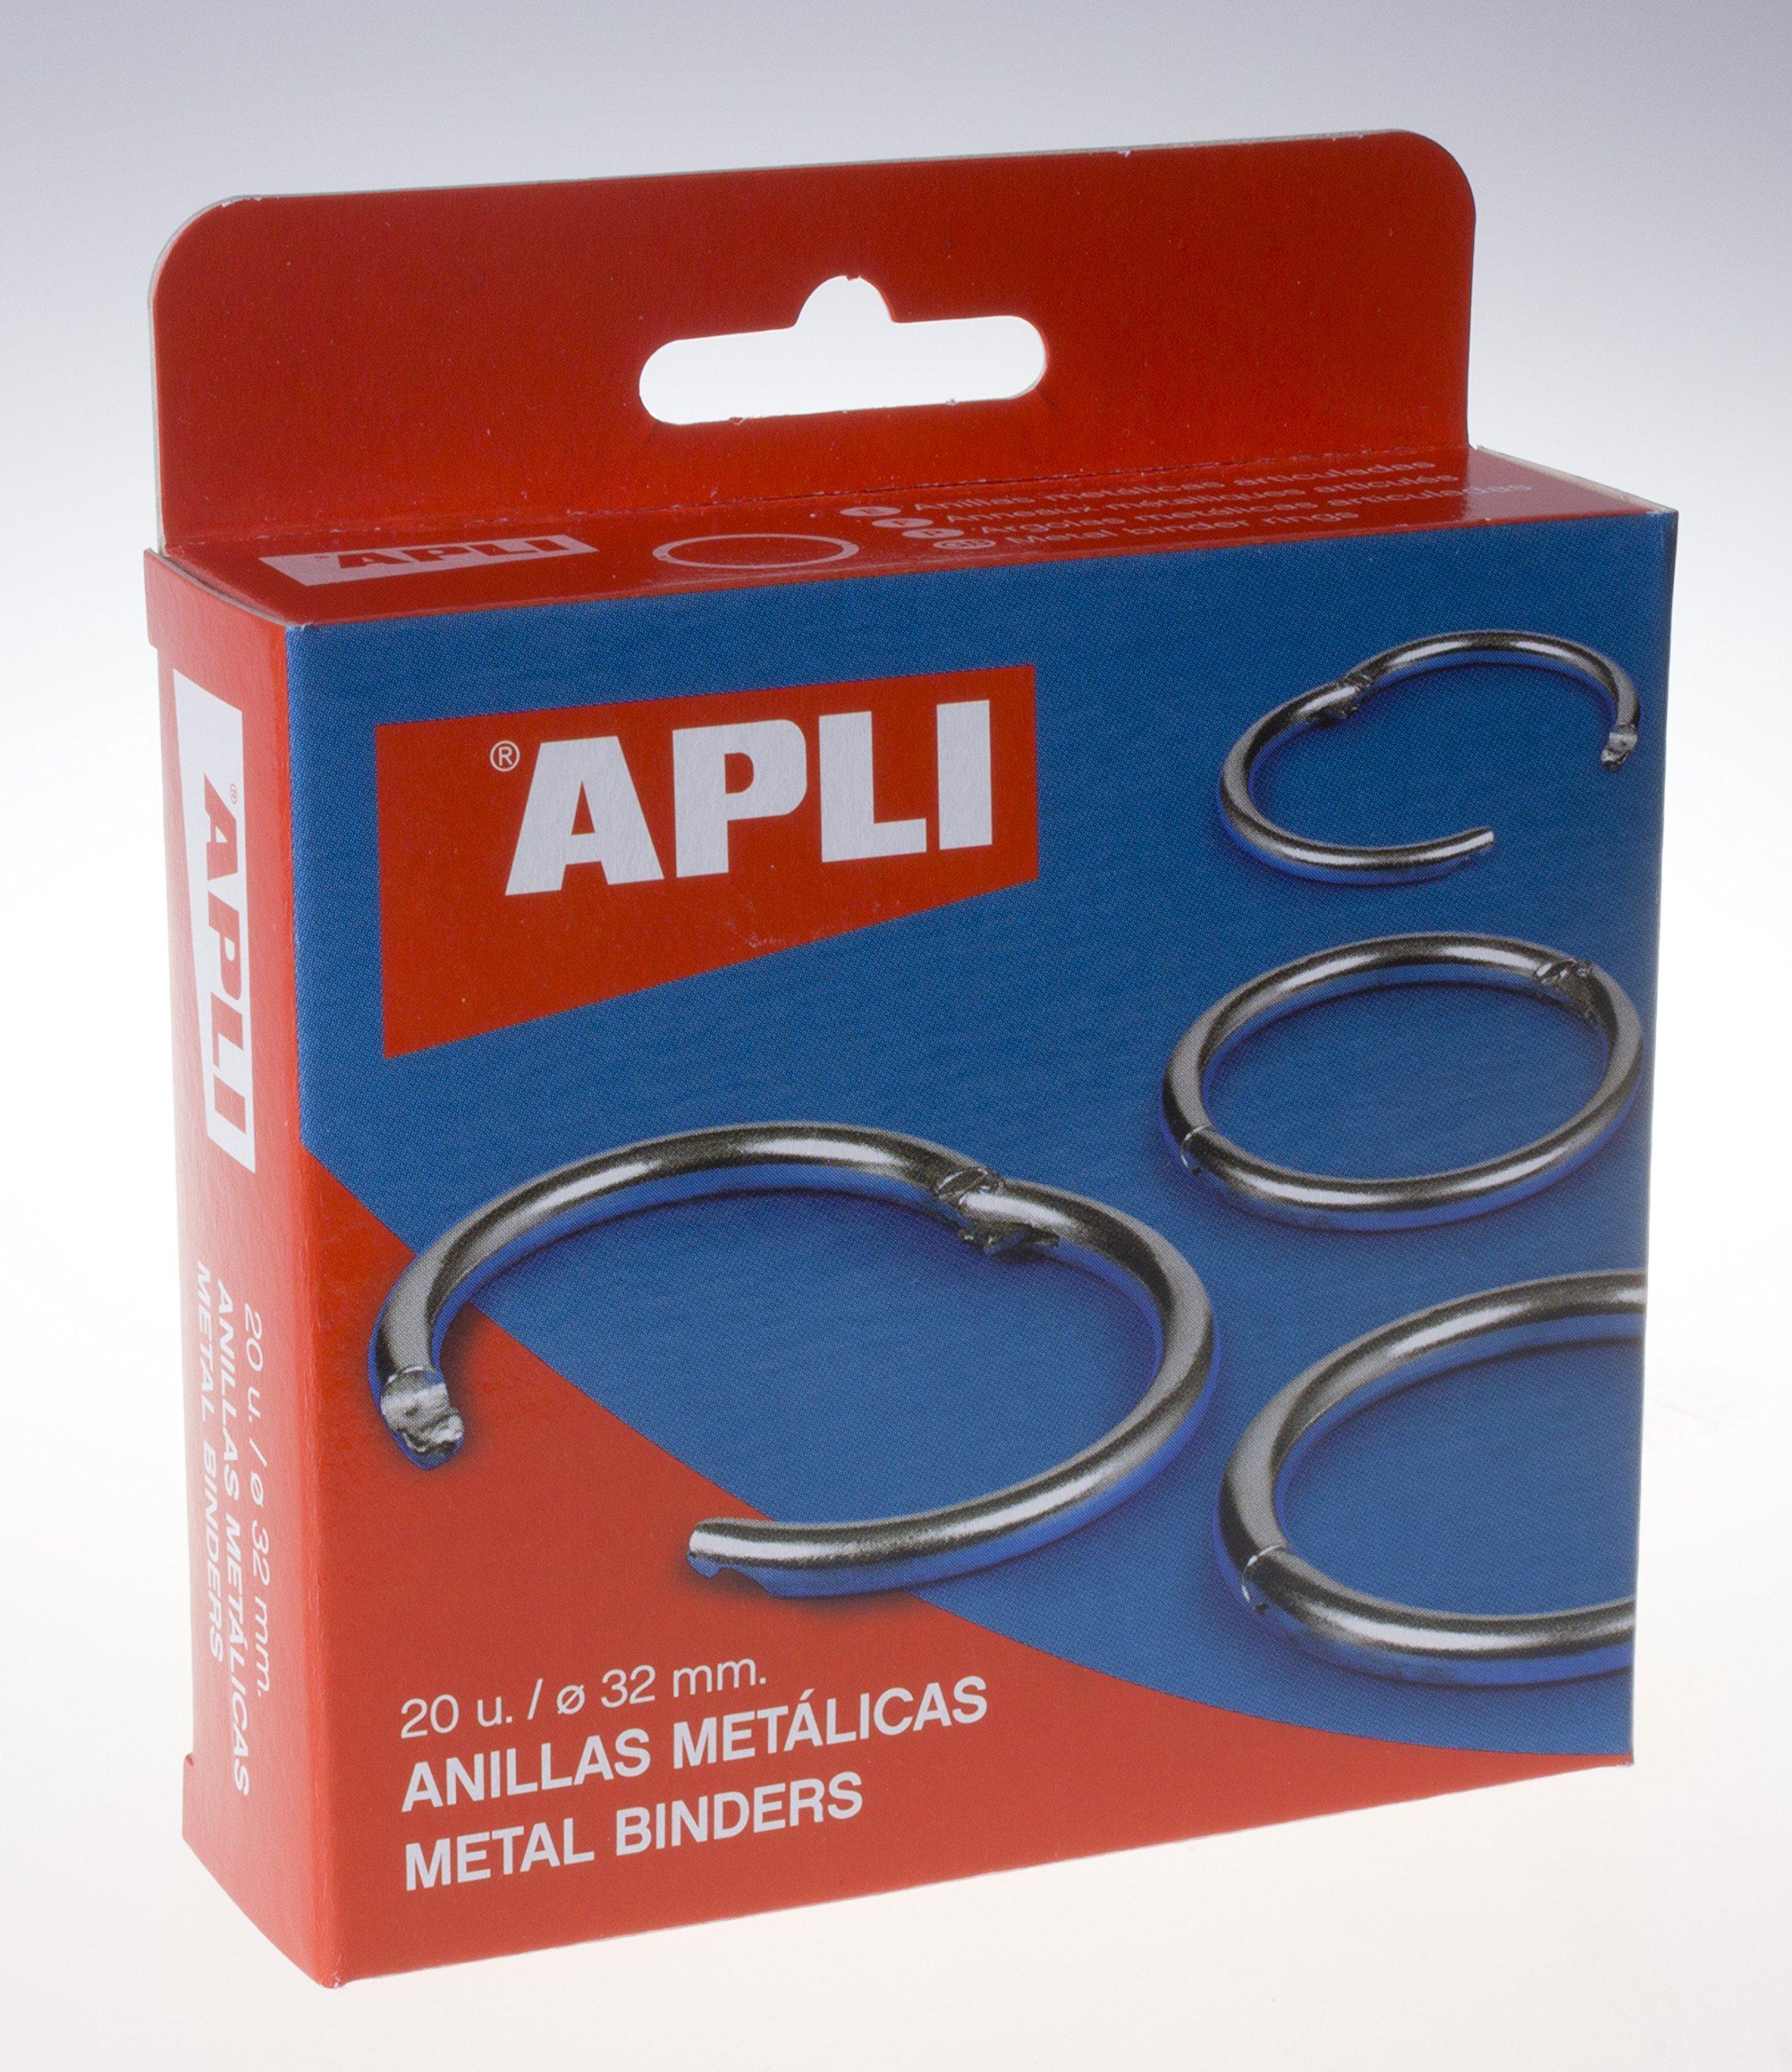 APLI 453 - Caja con 20 anillas metálicas (32 mm): Amazon.es: Oficina y papelería